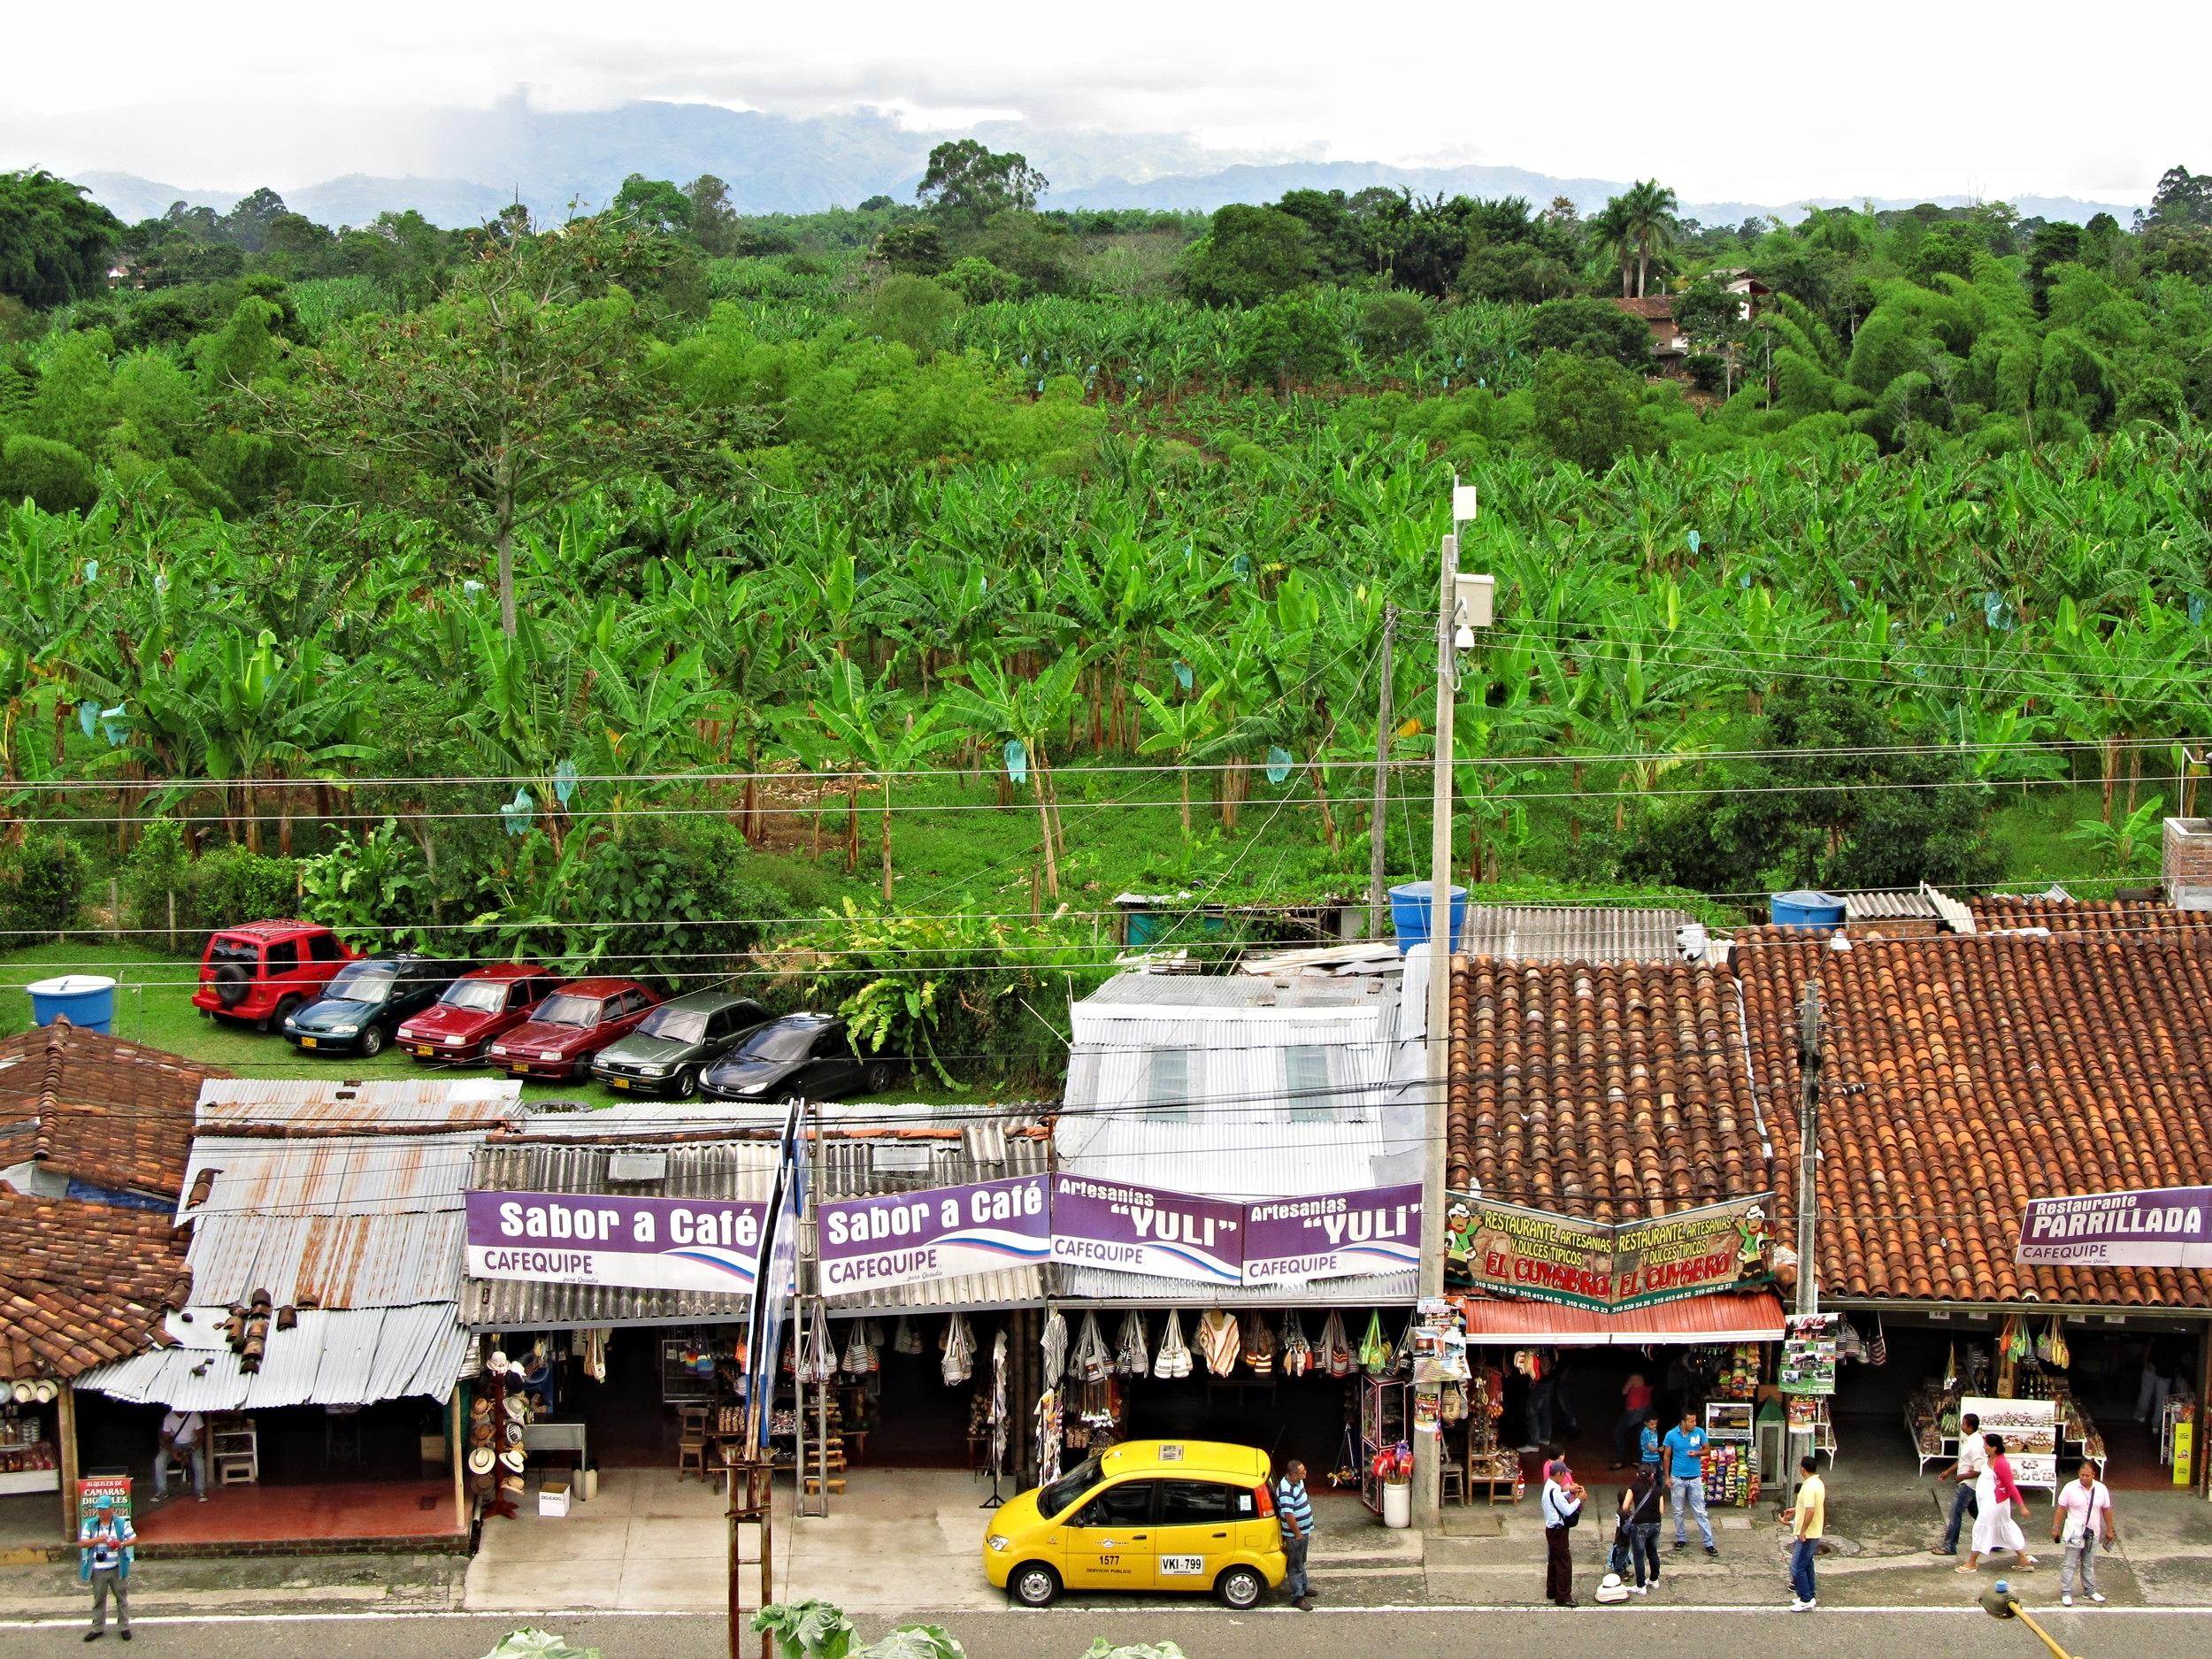 Road side views in La Zona Cafetera